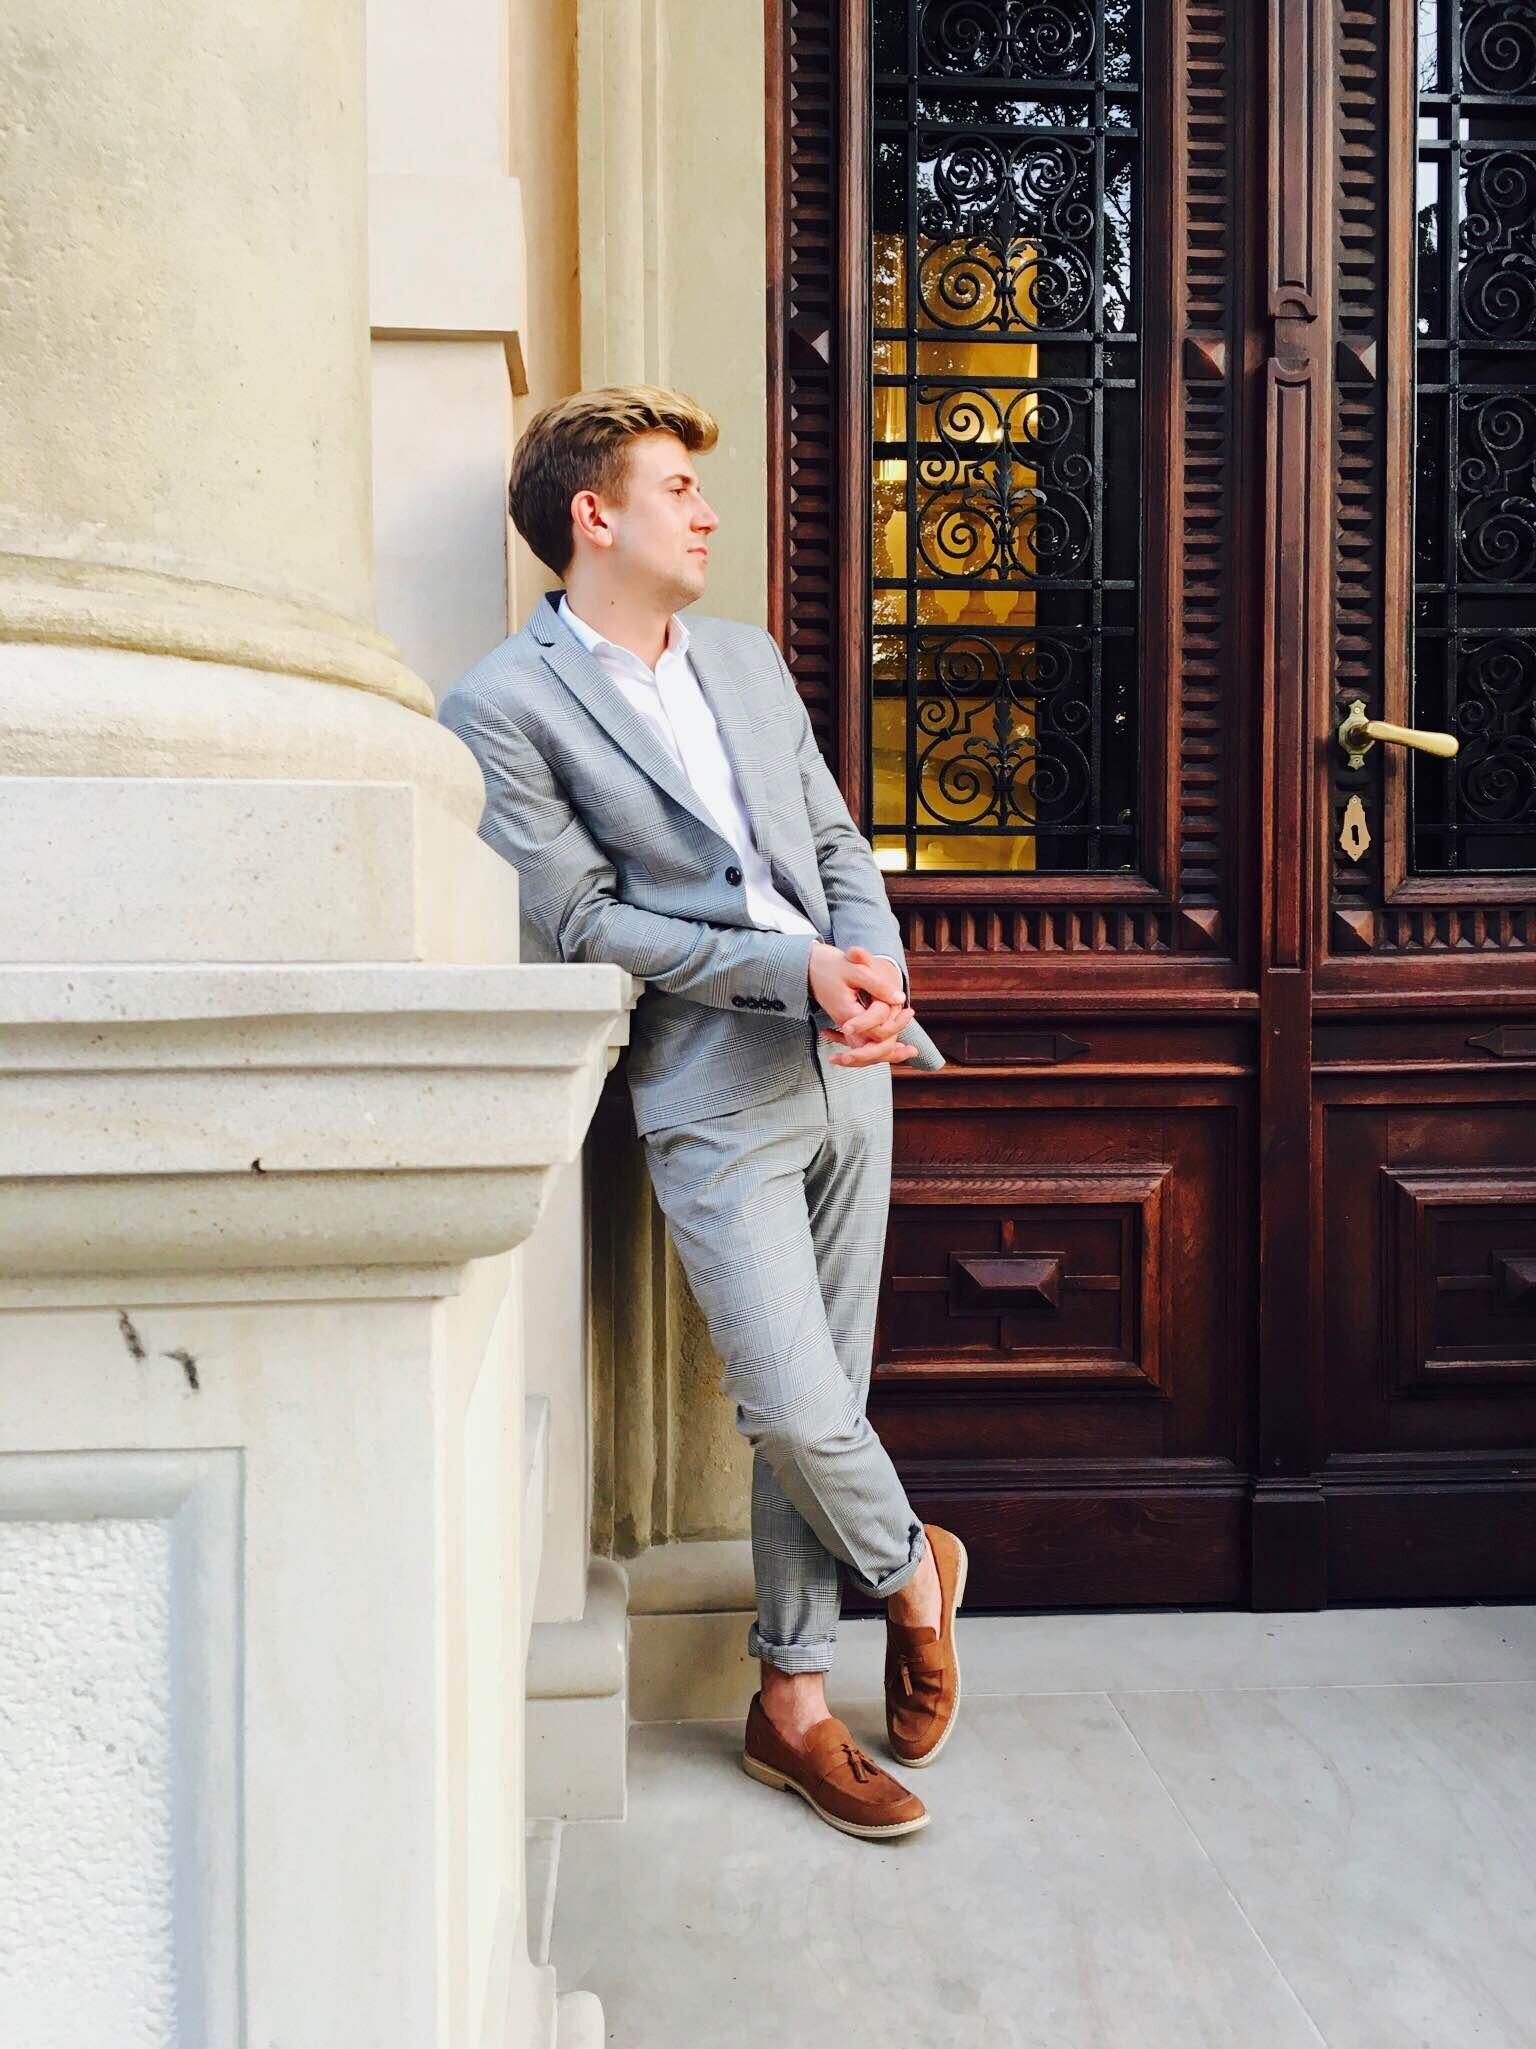 GMALE by Grzegorz Paliś, blog o modzie męskiej, Szary garnitur w kratę księcia Walii, Koniakowe mokasyny, Krata Księcia Walii